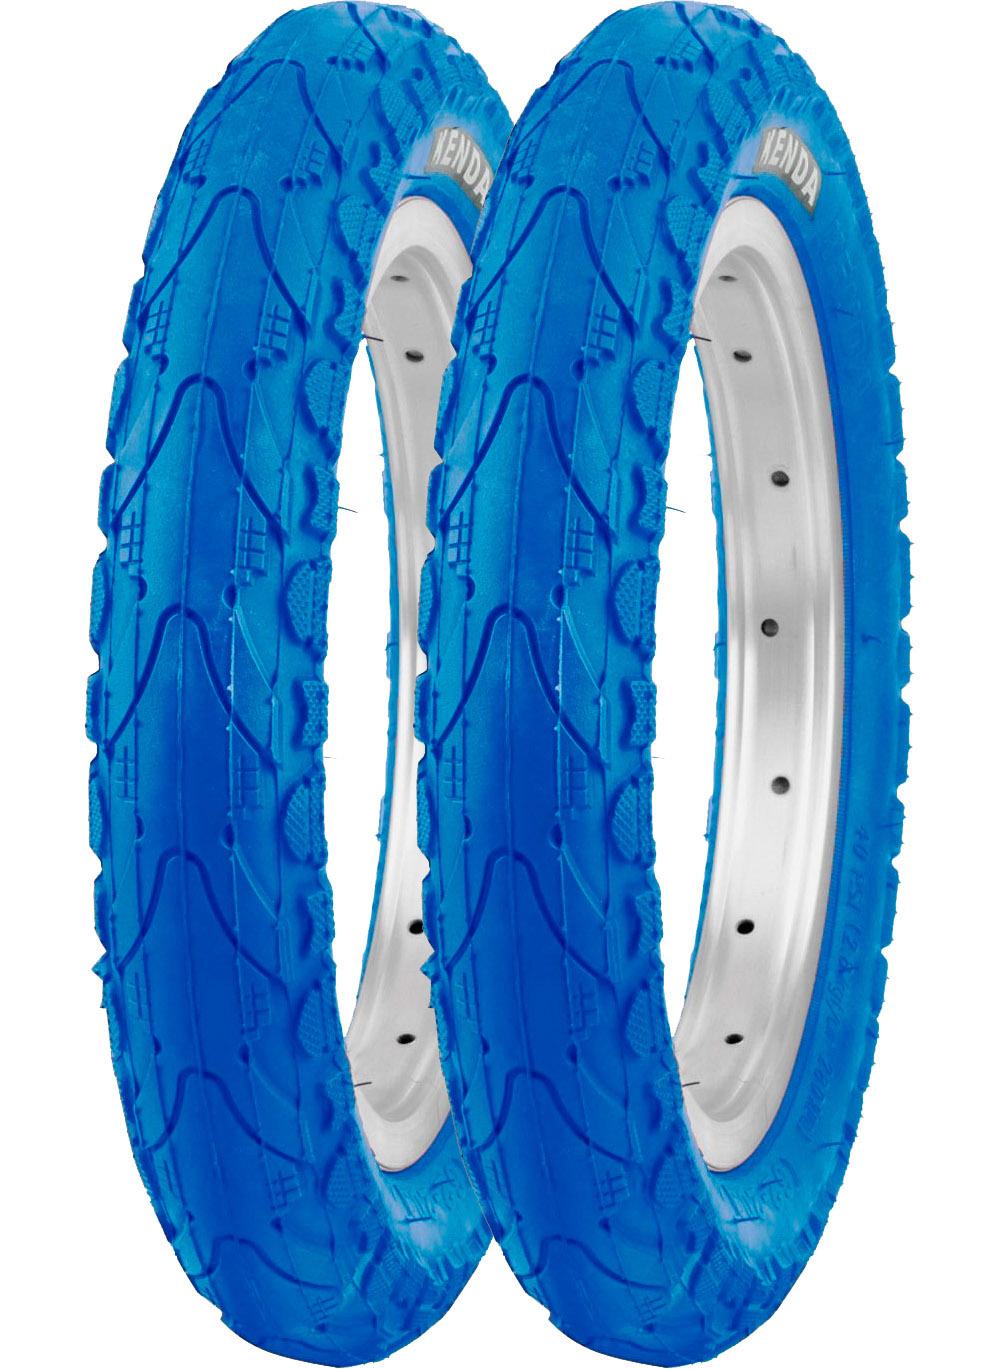 62-203 inkl 12.5 x 2.25 2 Kenda Fahrradreifen 12 Zoll Reifen 2 x Schlauch AV